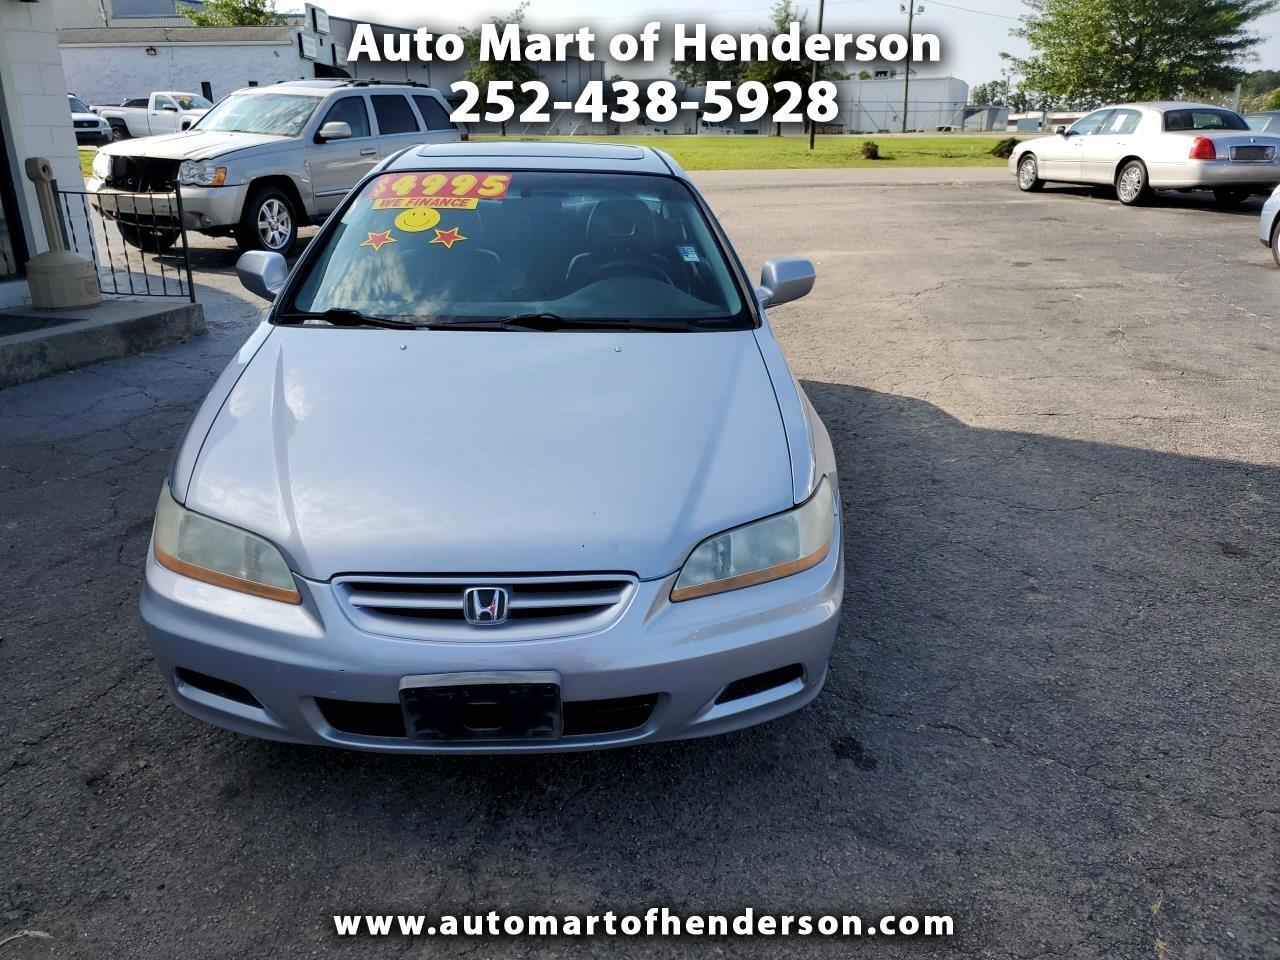 2002 Honda Accord EX V6 coupe